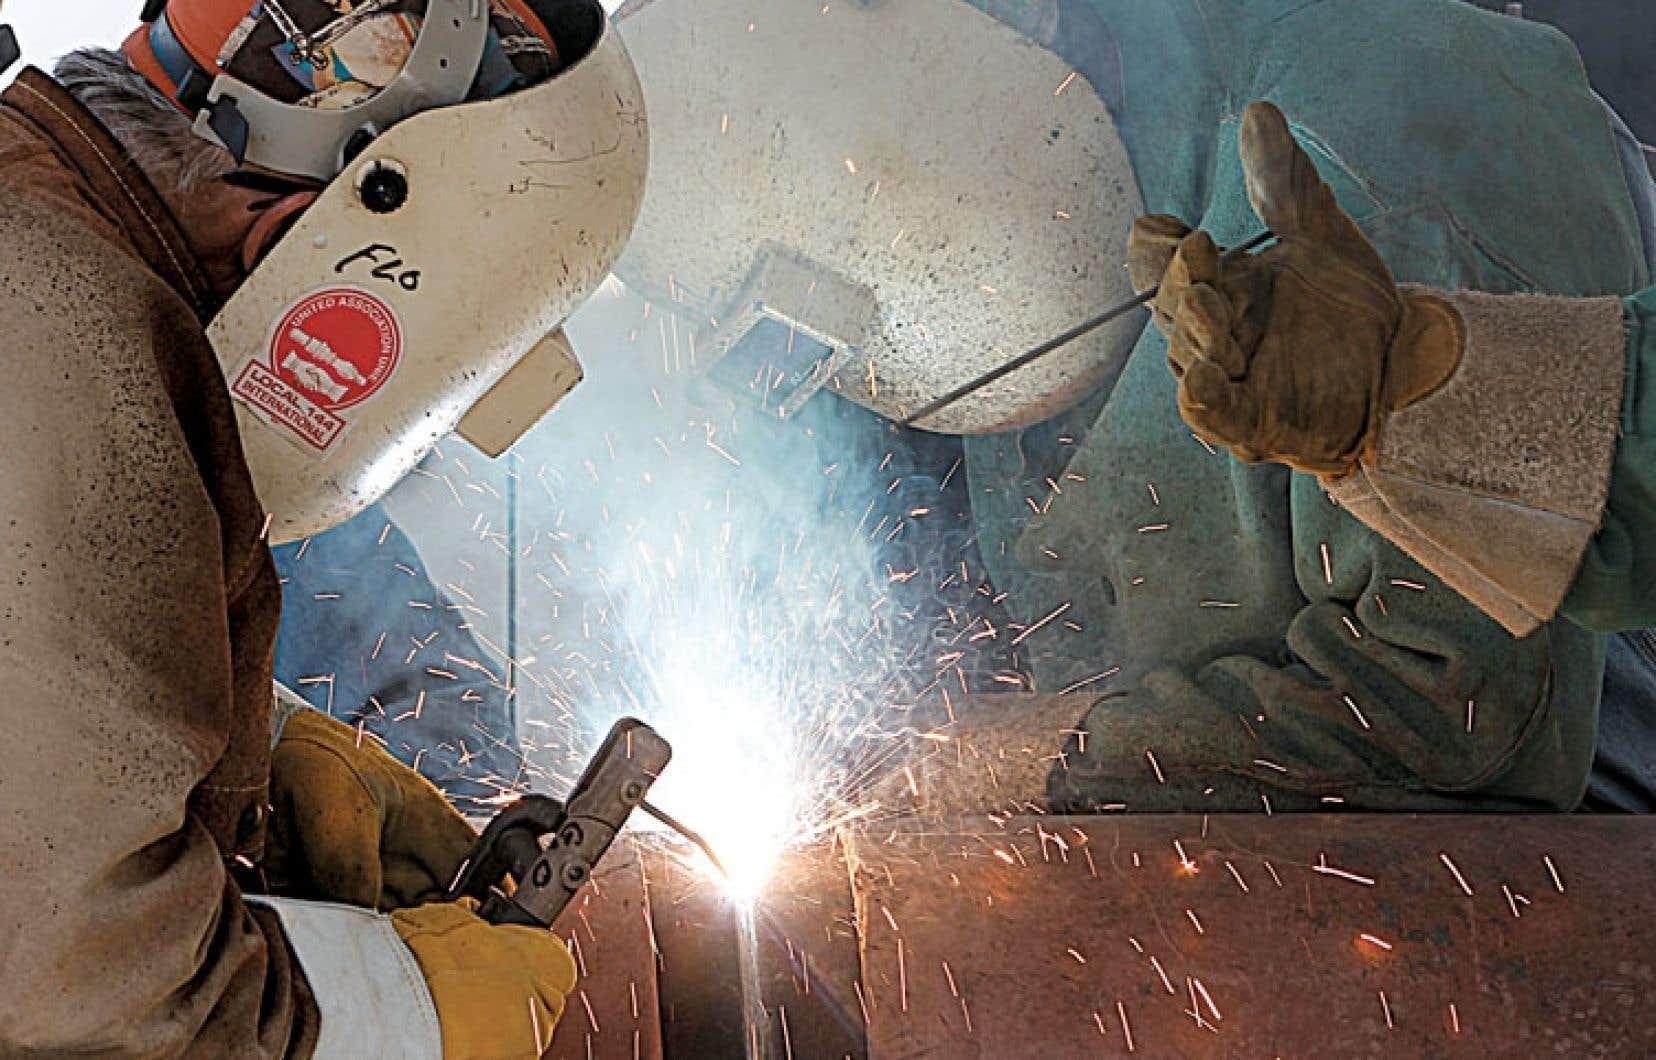 <div> Le Canada d&eacute;pend des travailleurs &eacute;trangers dans plusieurs secteurs sp&eacute;cialis&eacute;s.</div>